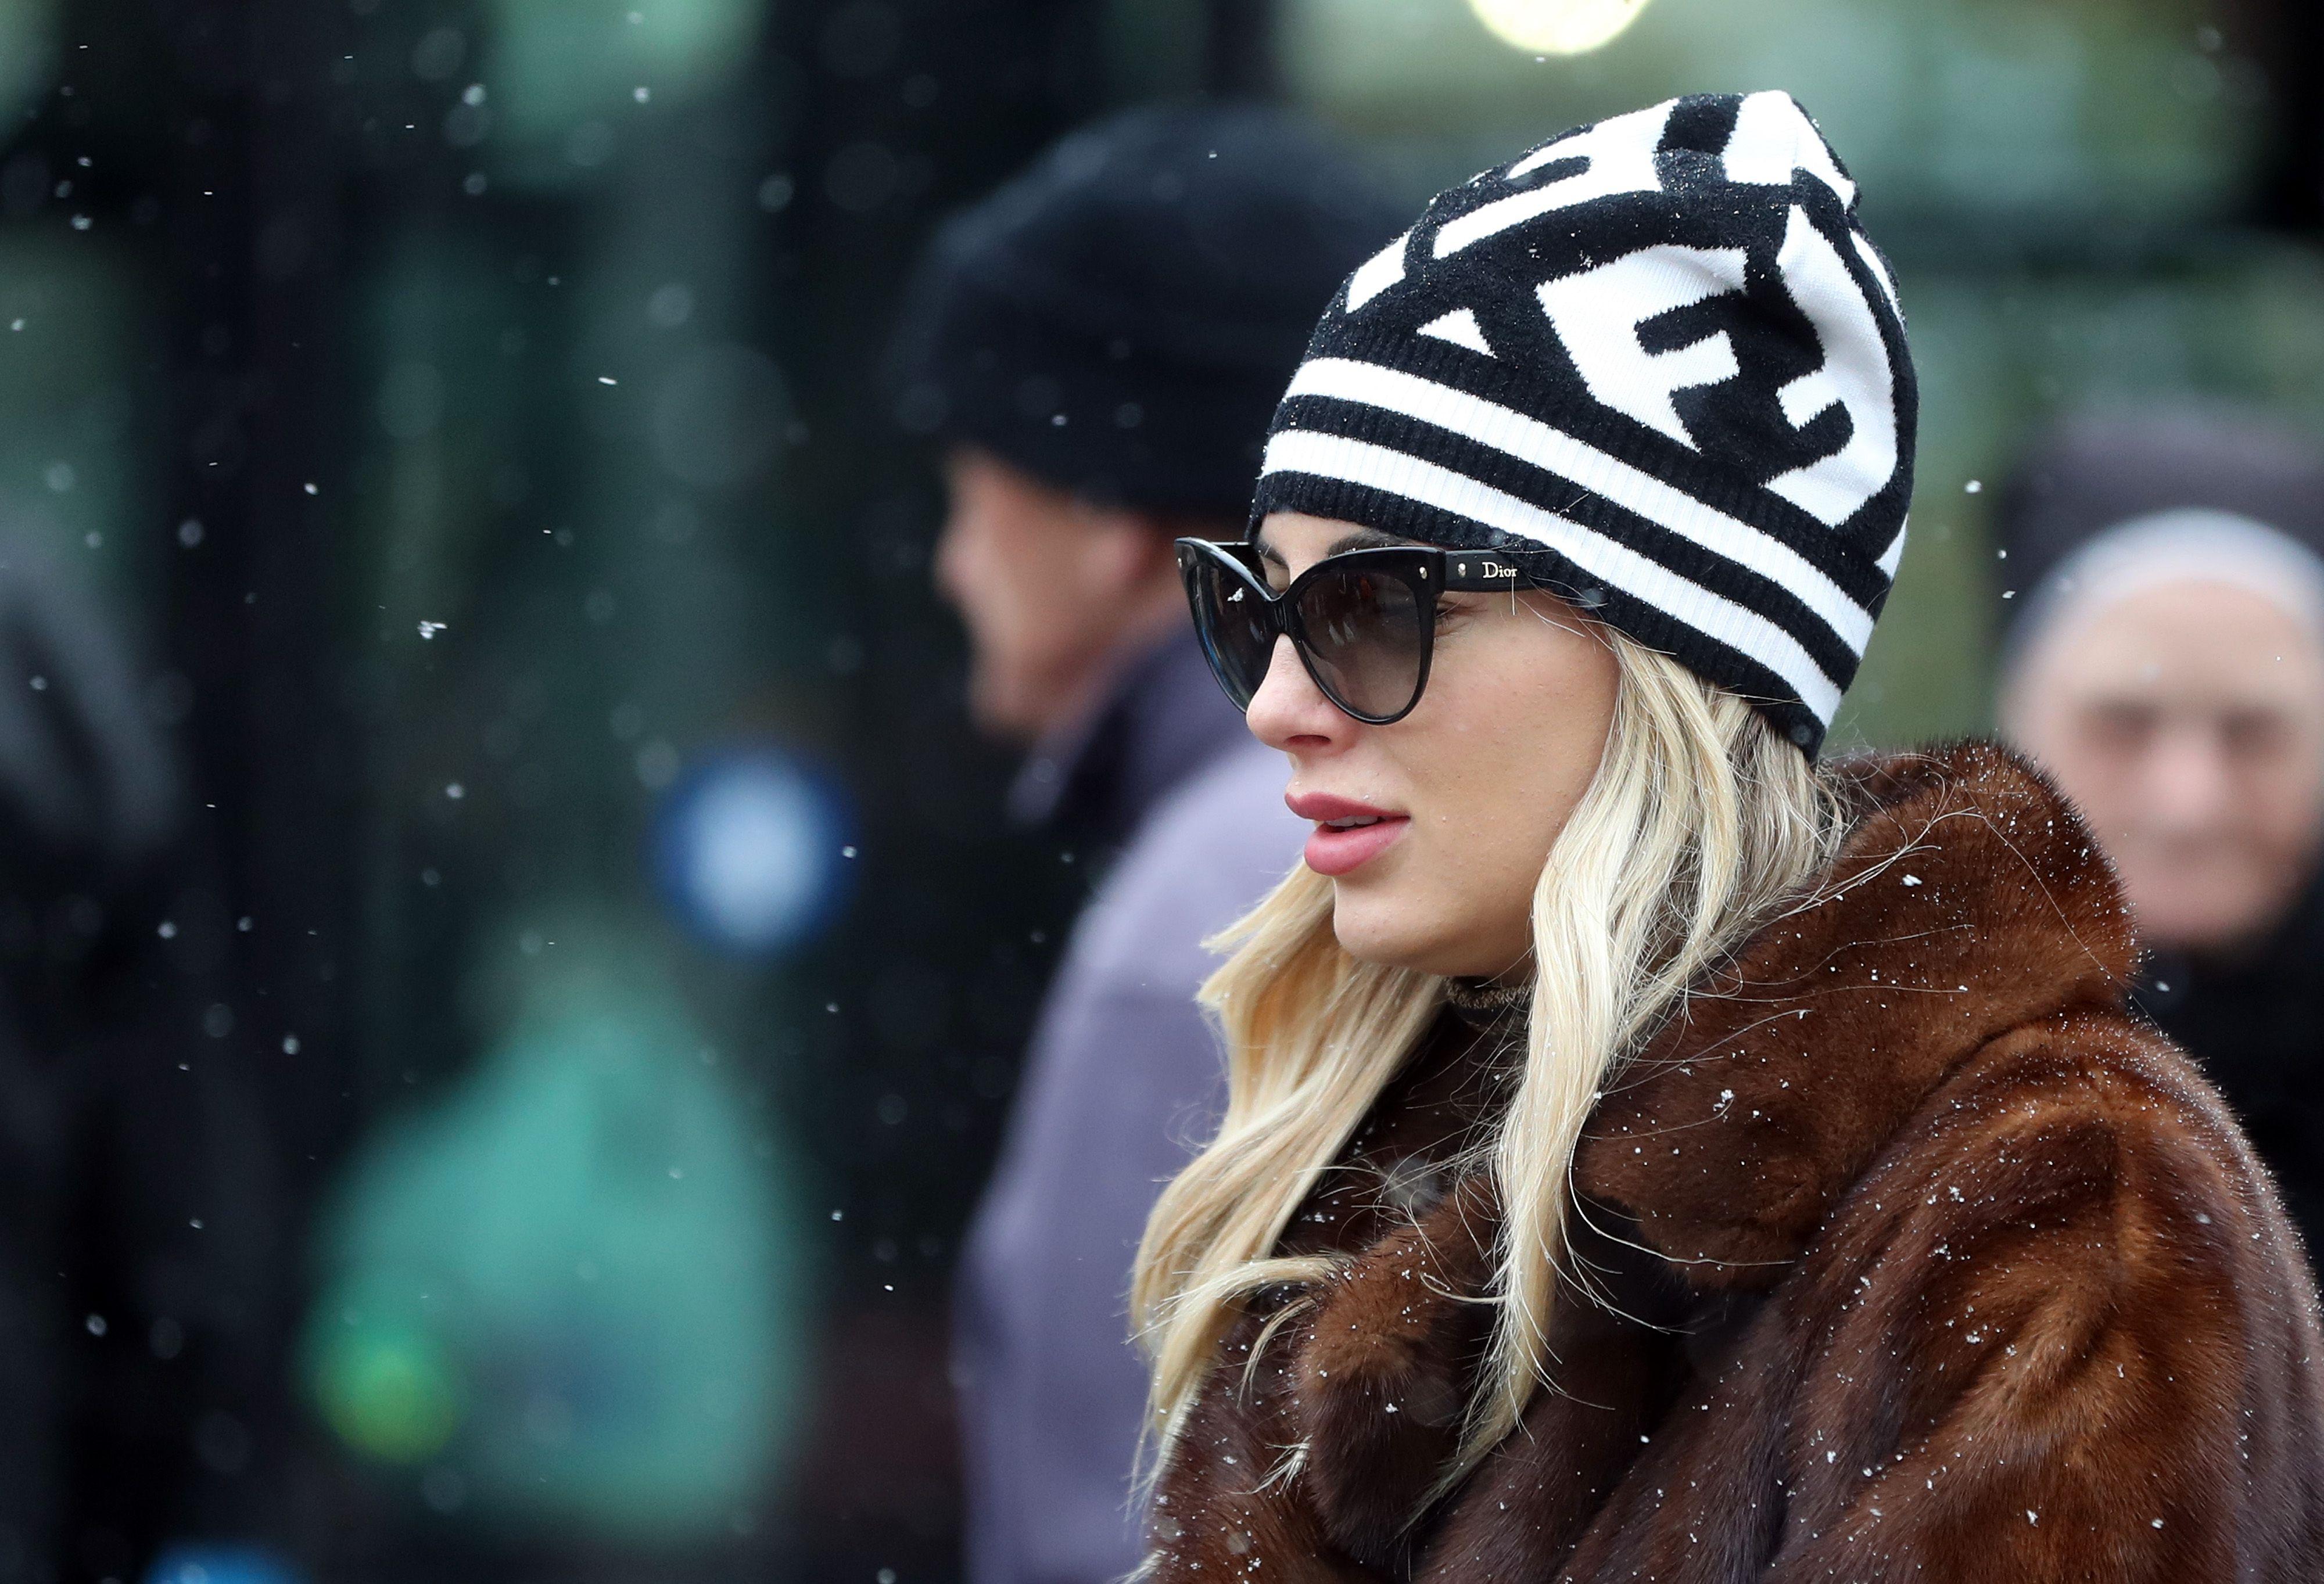 Snježne pahulje natjerale su cijeli Zagreb da izvuče kape iz ormara